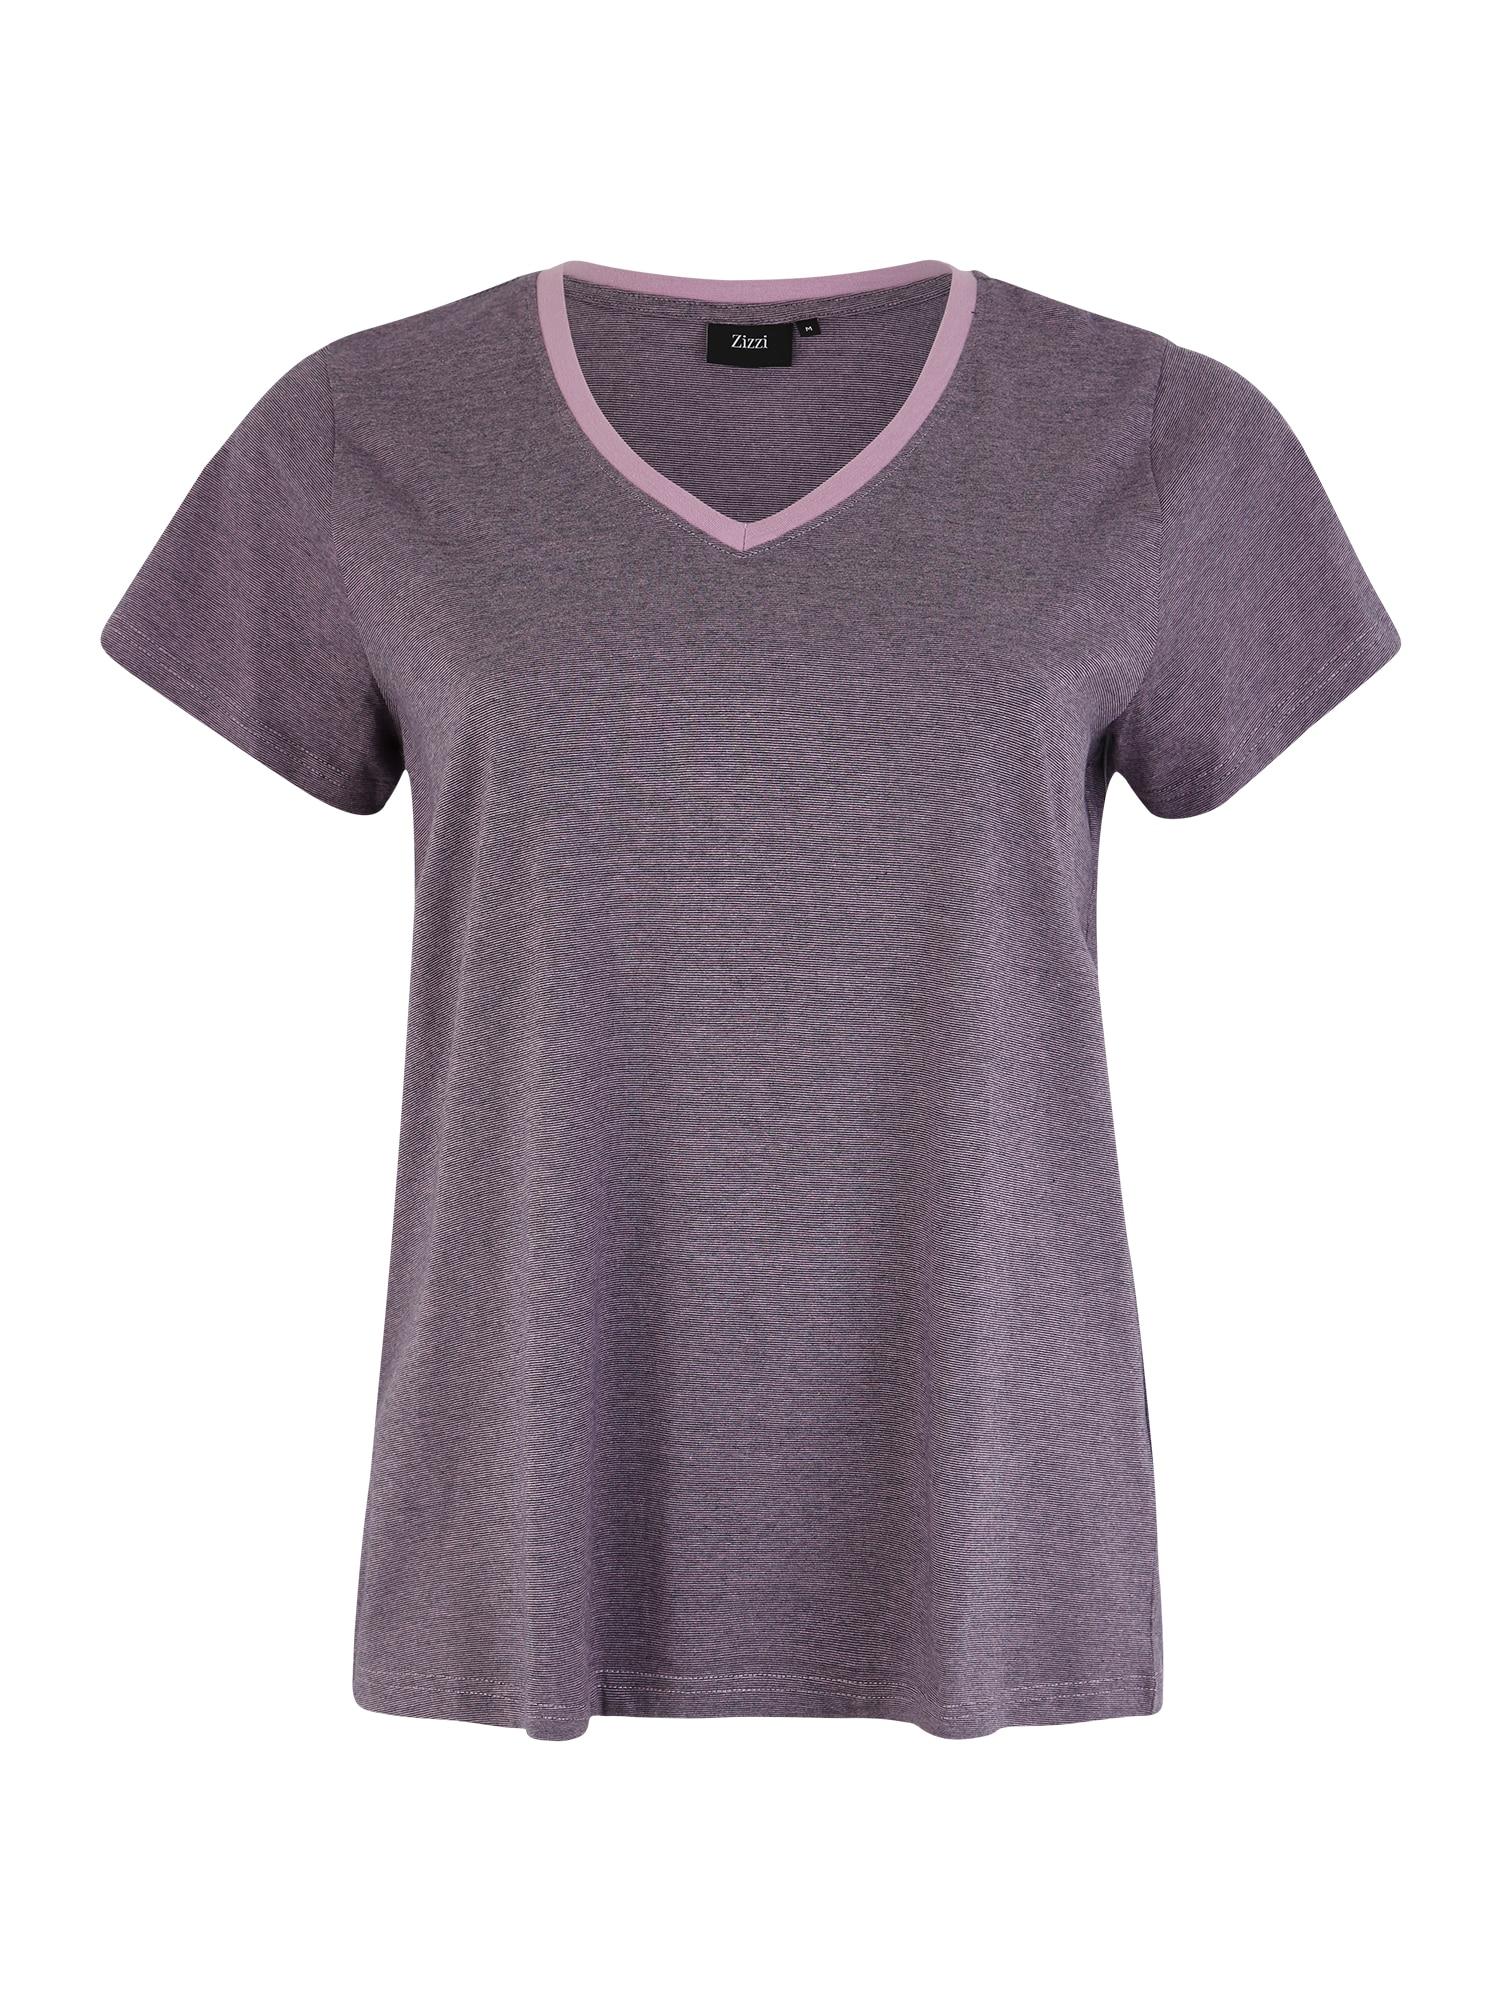 Tričko SIRRA kouřově šedá fialová Zizzi